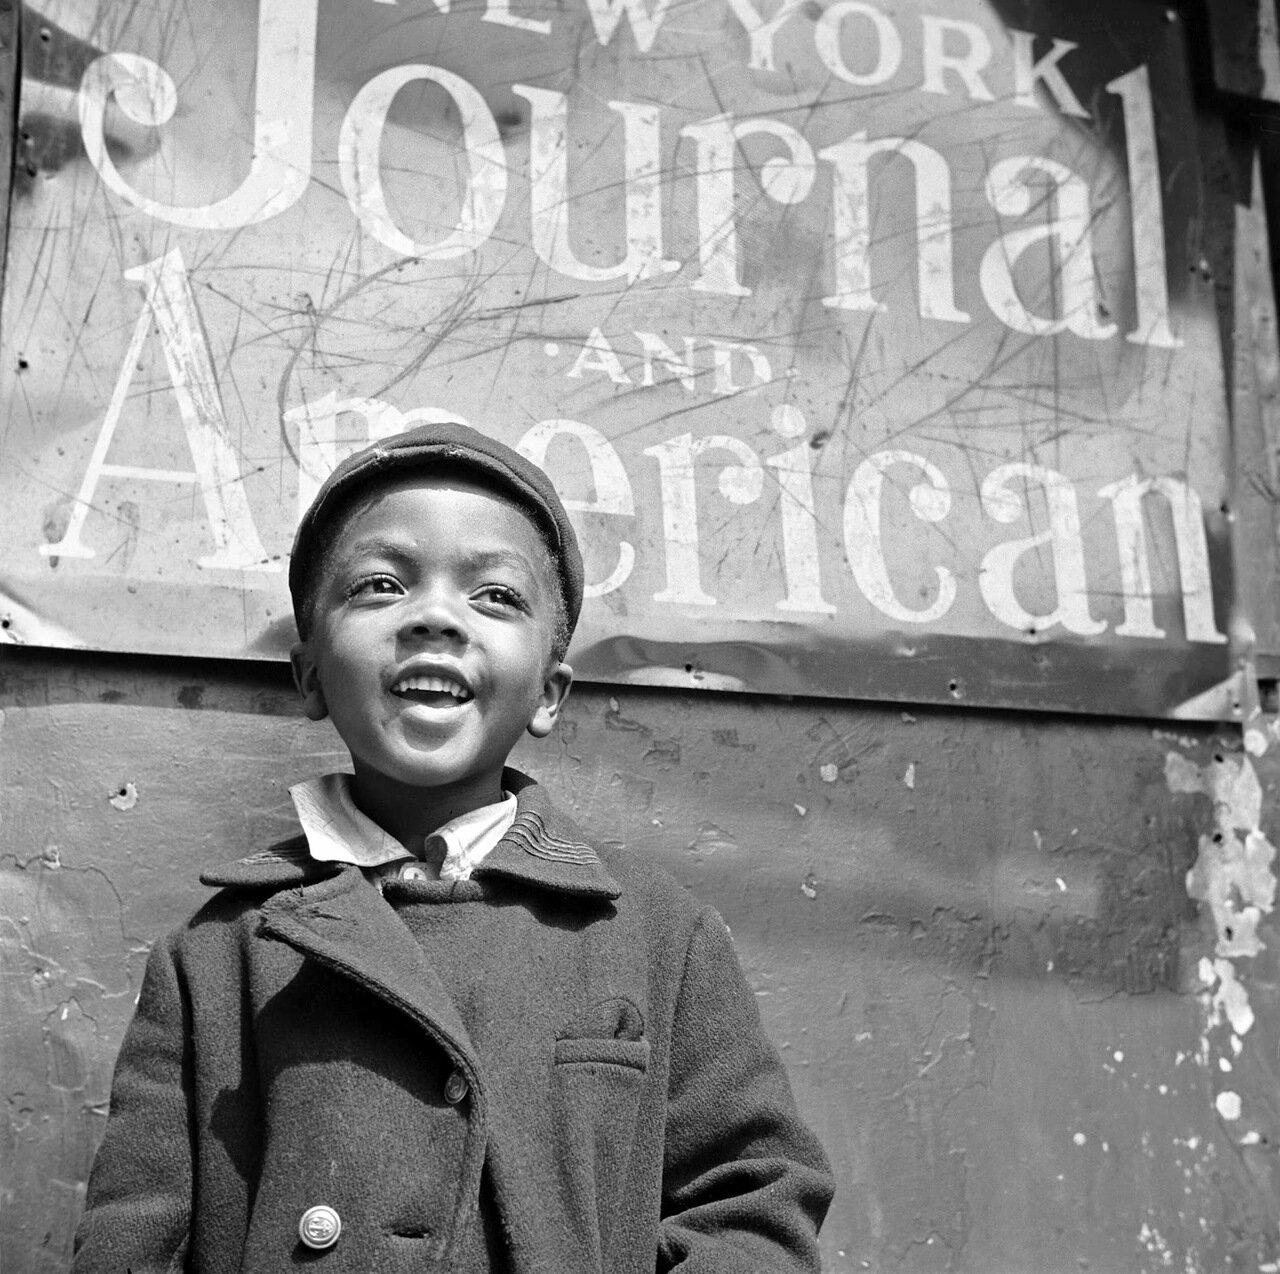 Мальчишка-газетчик из Гарлема, 1943